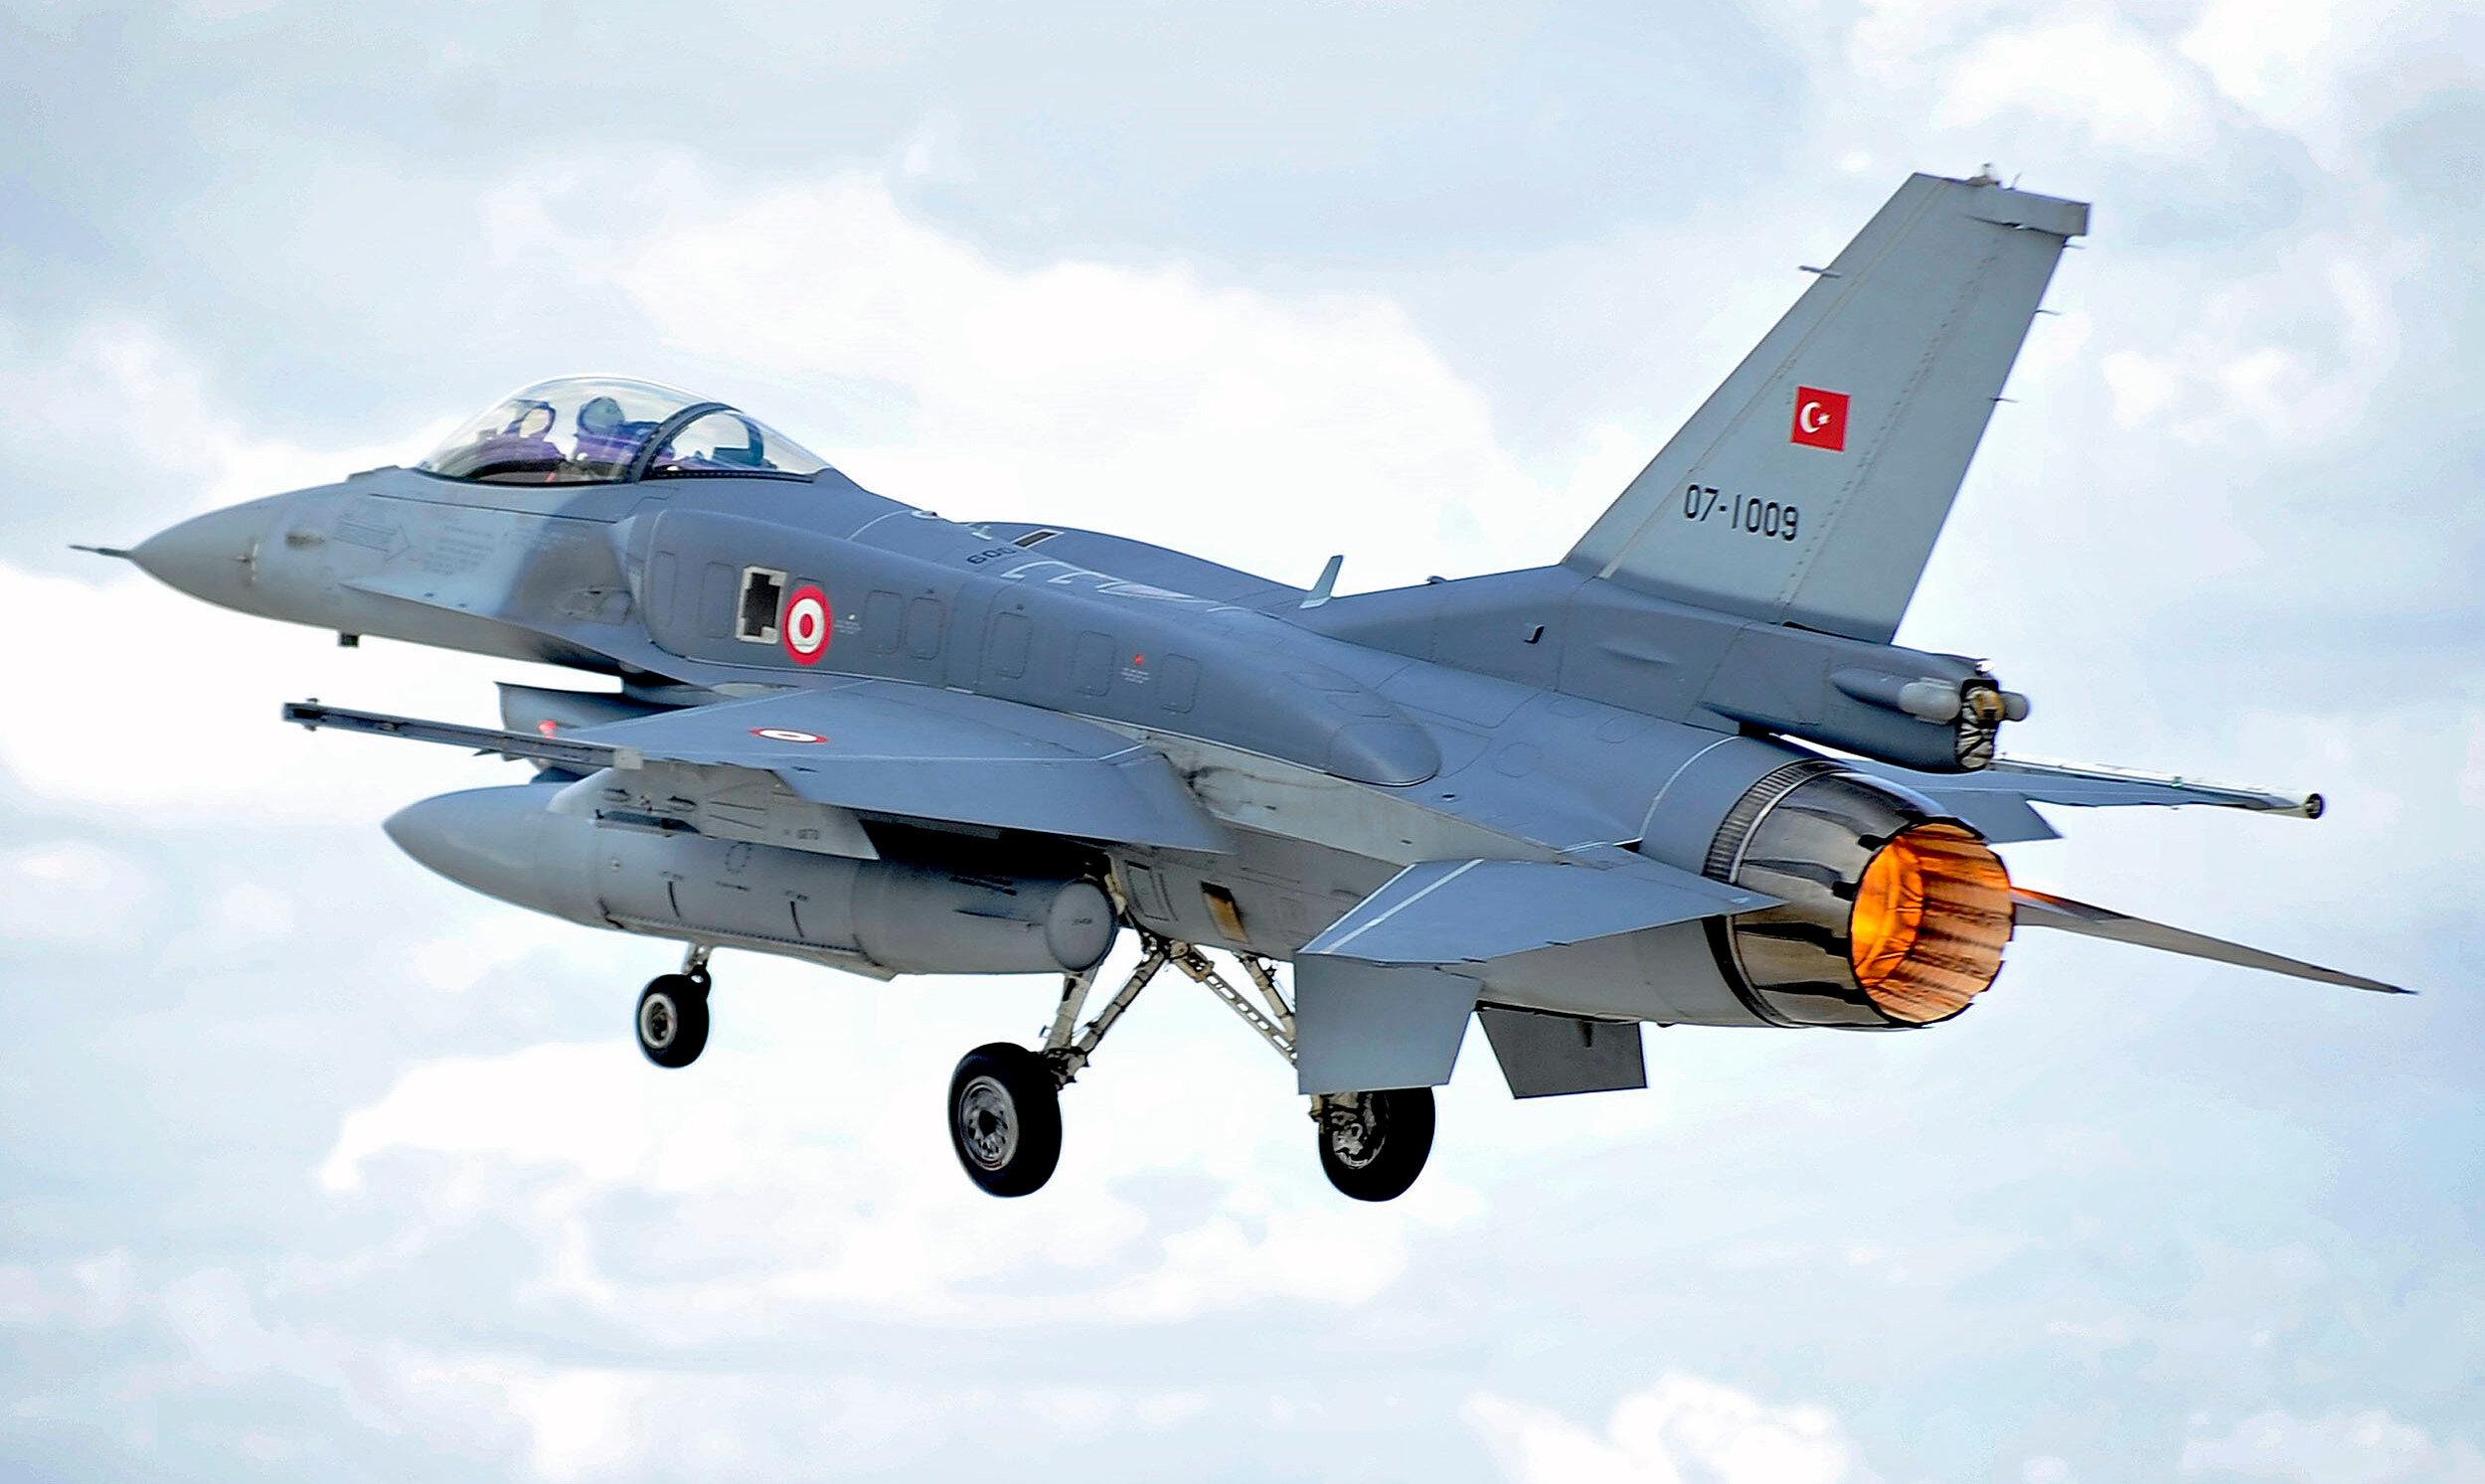 Türkiye, F-16 savaş uçaklarını çeşitli modernizasyonların ardından etkin bir şekilde kullanmaya devam ediyor.